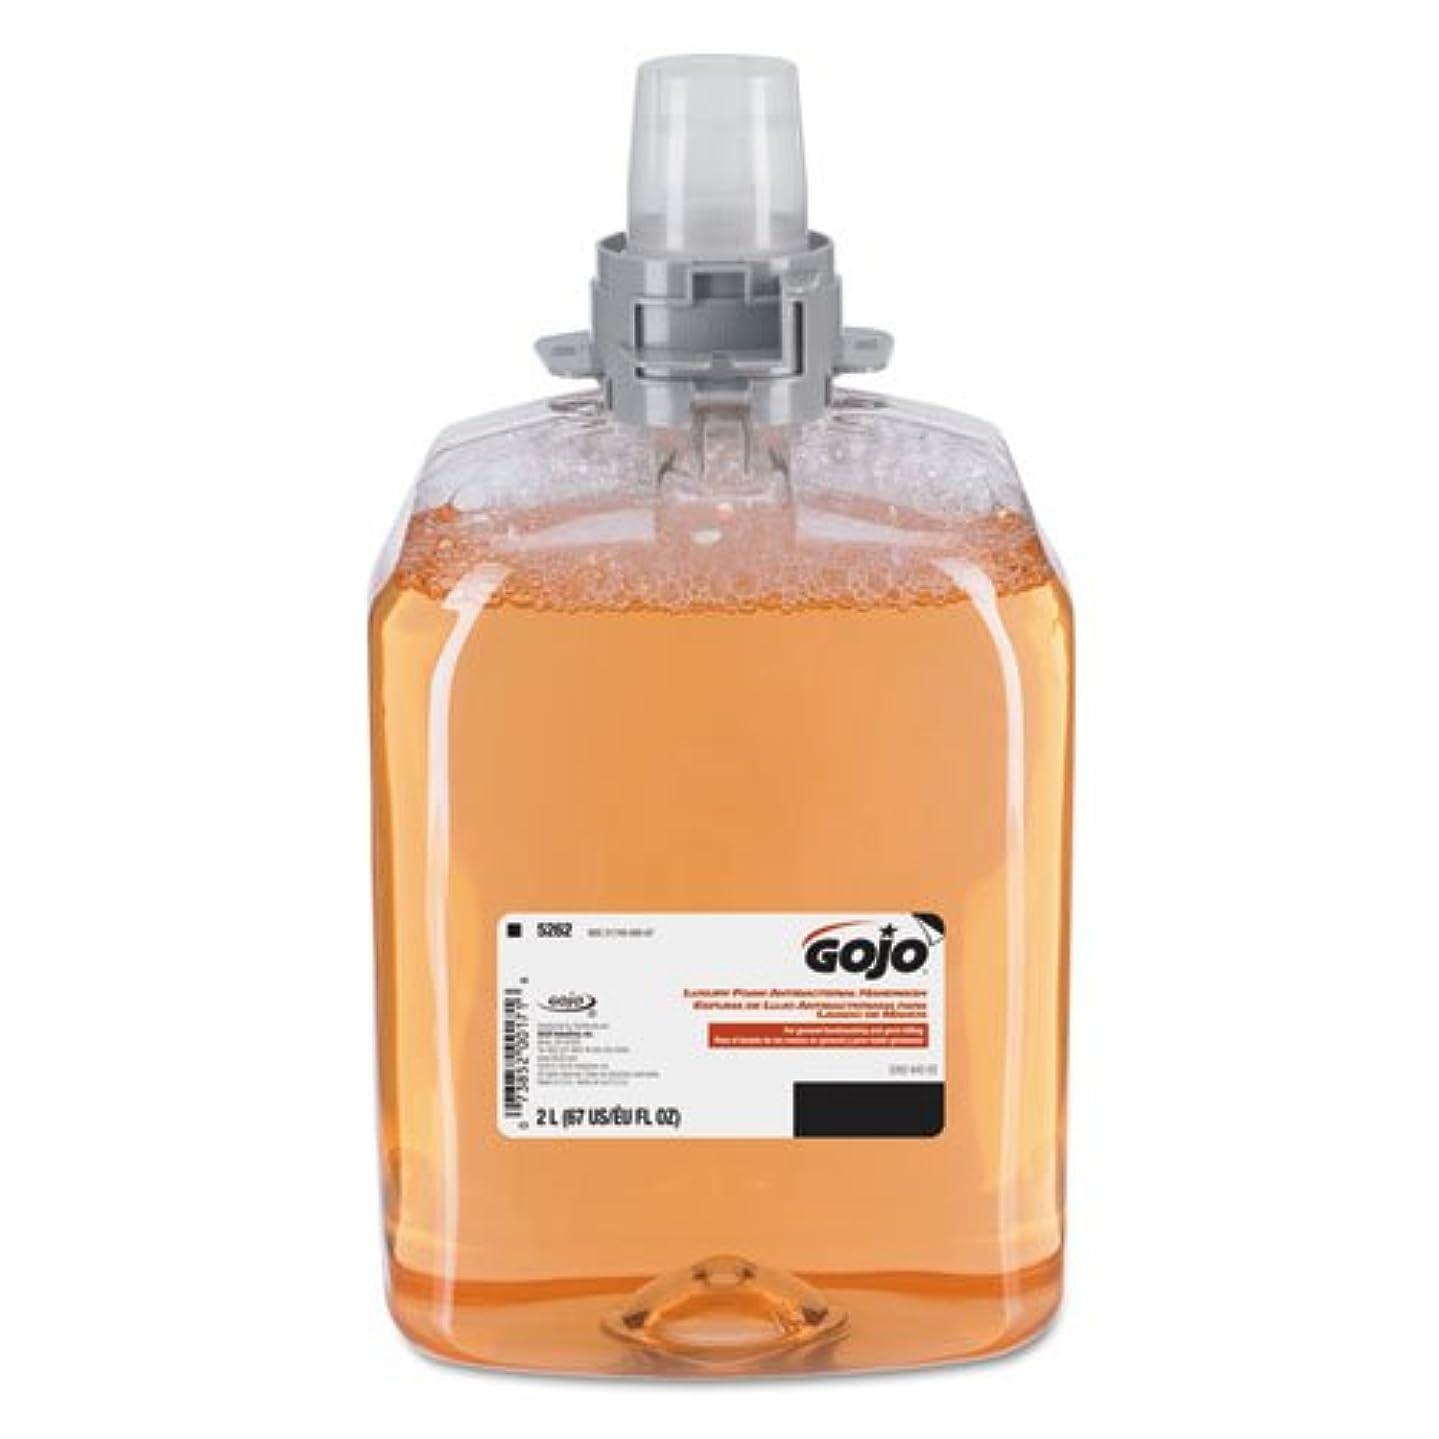 パンチ減衰土地goj526202 – FMX 20 Luxury Foam Antibacterial Handwash